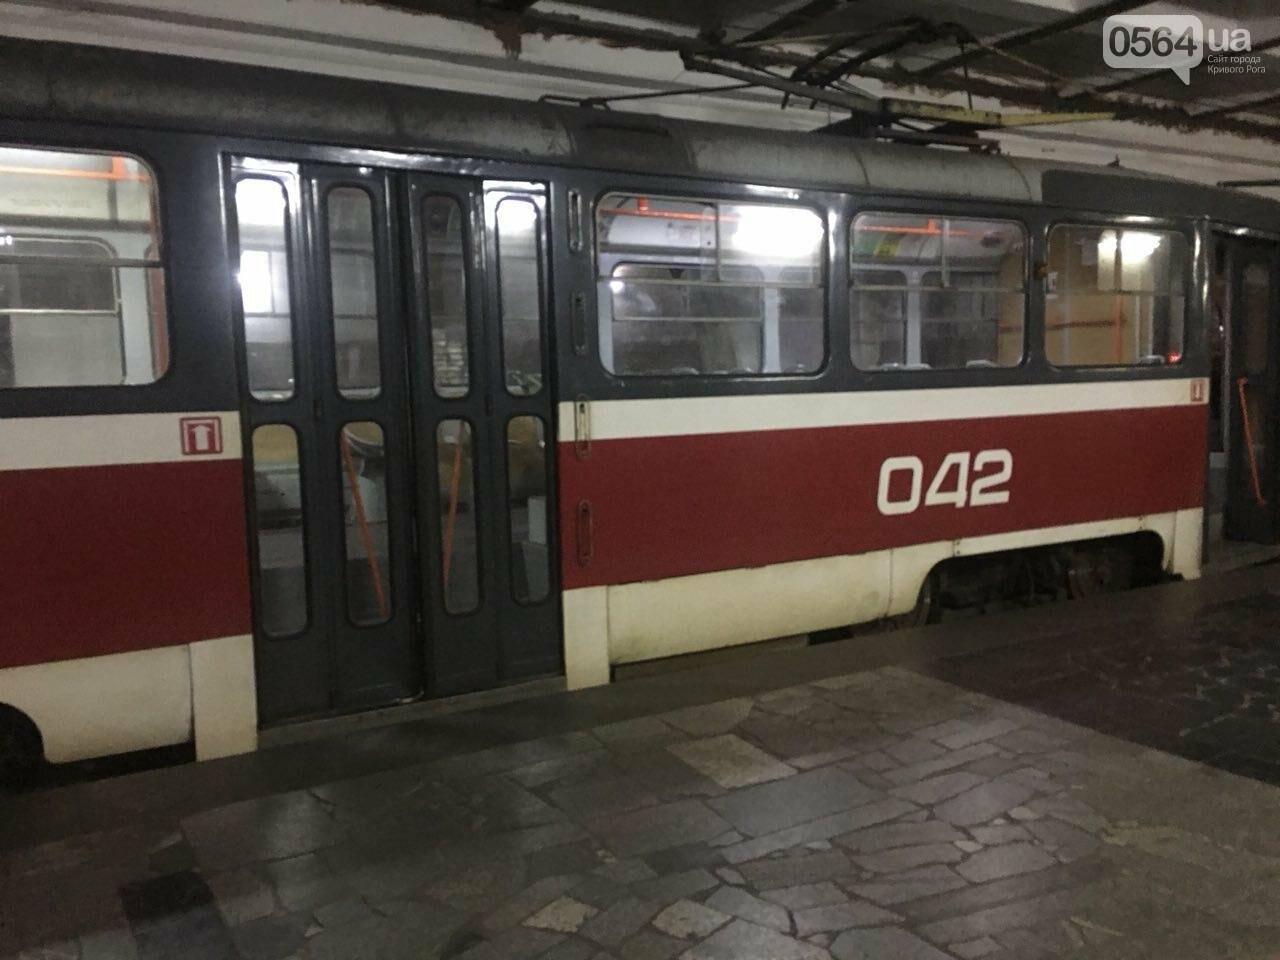 Ни дня без поломки: Маршрут скоростного трамвая снова заблокировали неисправные вагоны, - ФОТО, фото-6